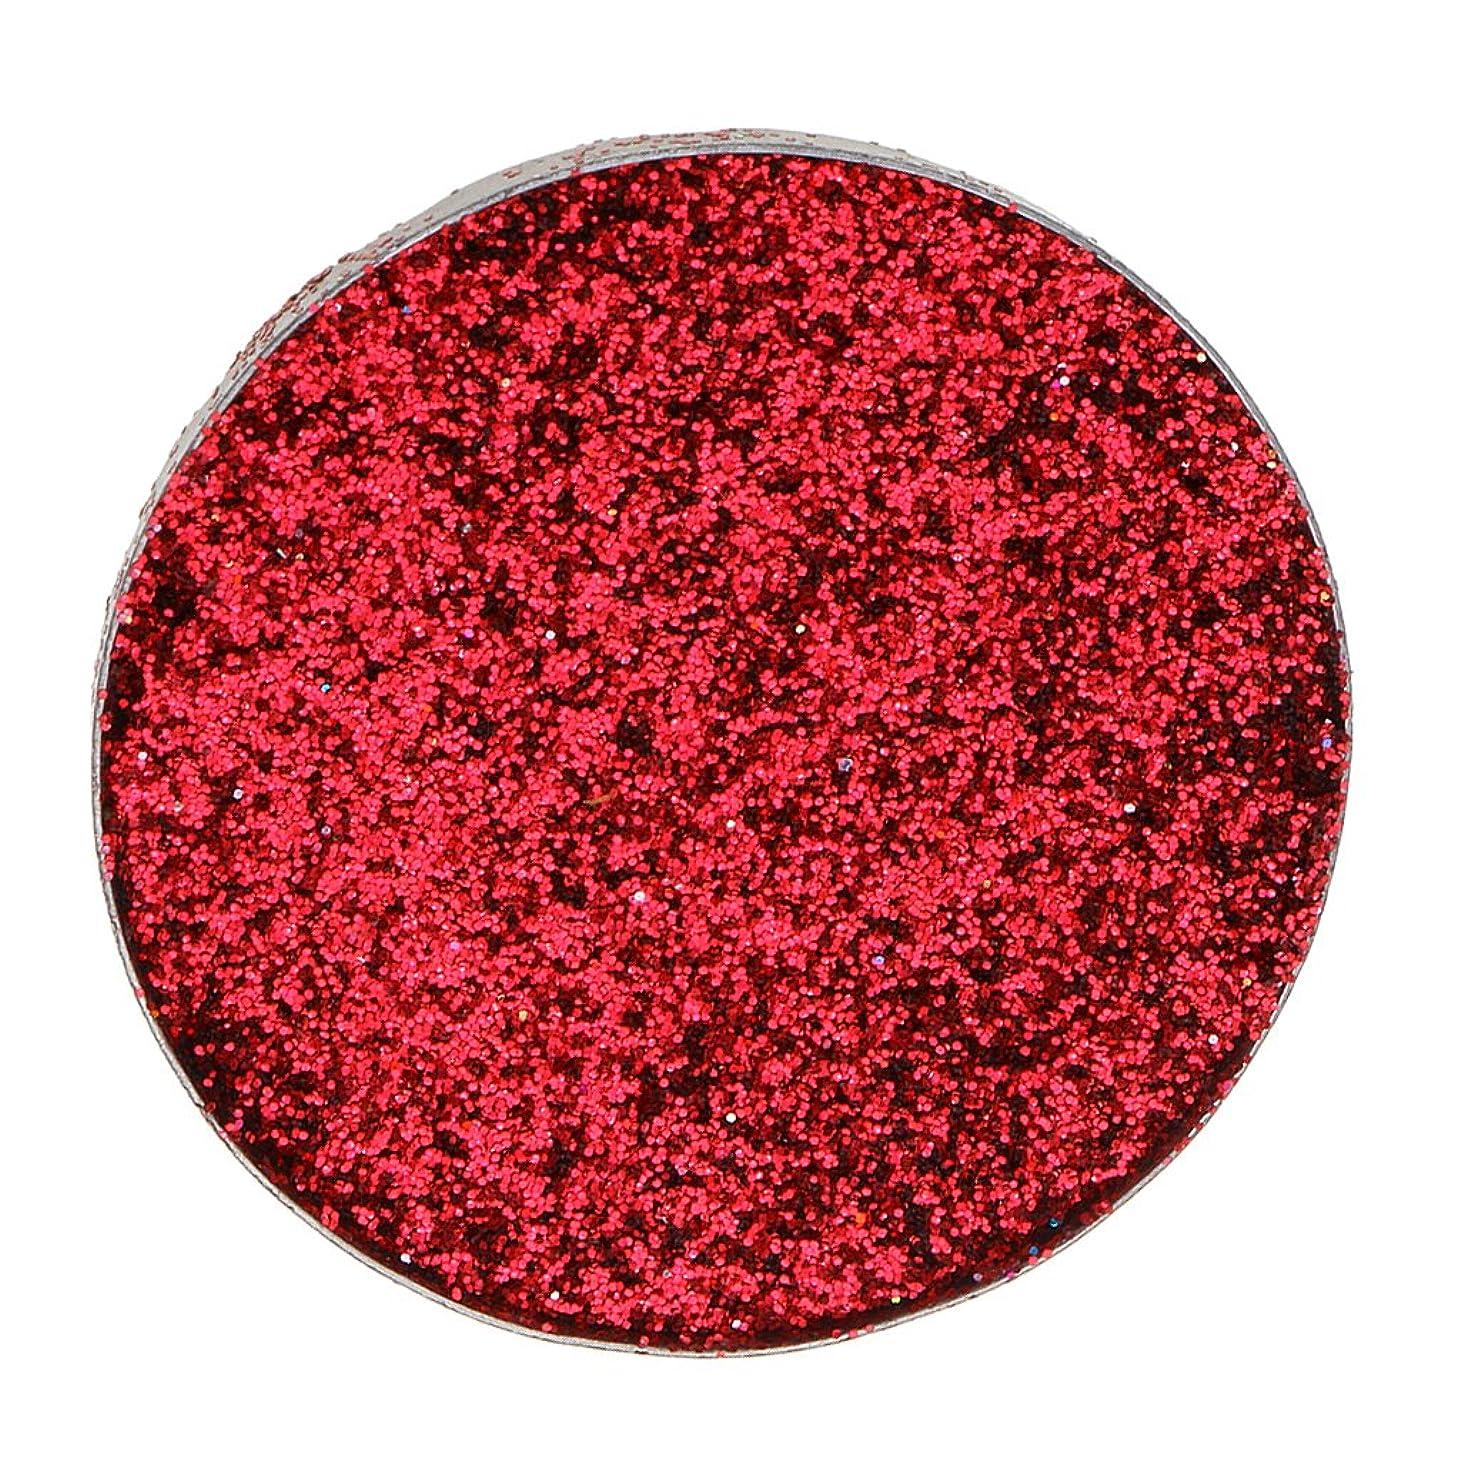 コメント機関車マーカーSONONIA ダイヤモンド キラキラ 輝き メークアップ 若々しい アイシャドー 顔料 長持ち 全5色 - 赤